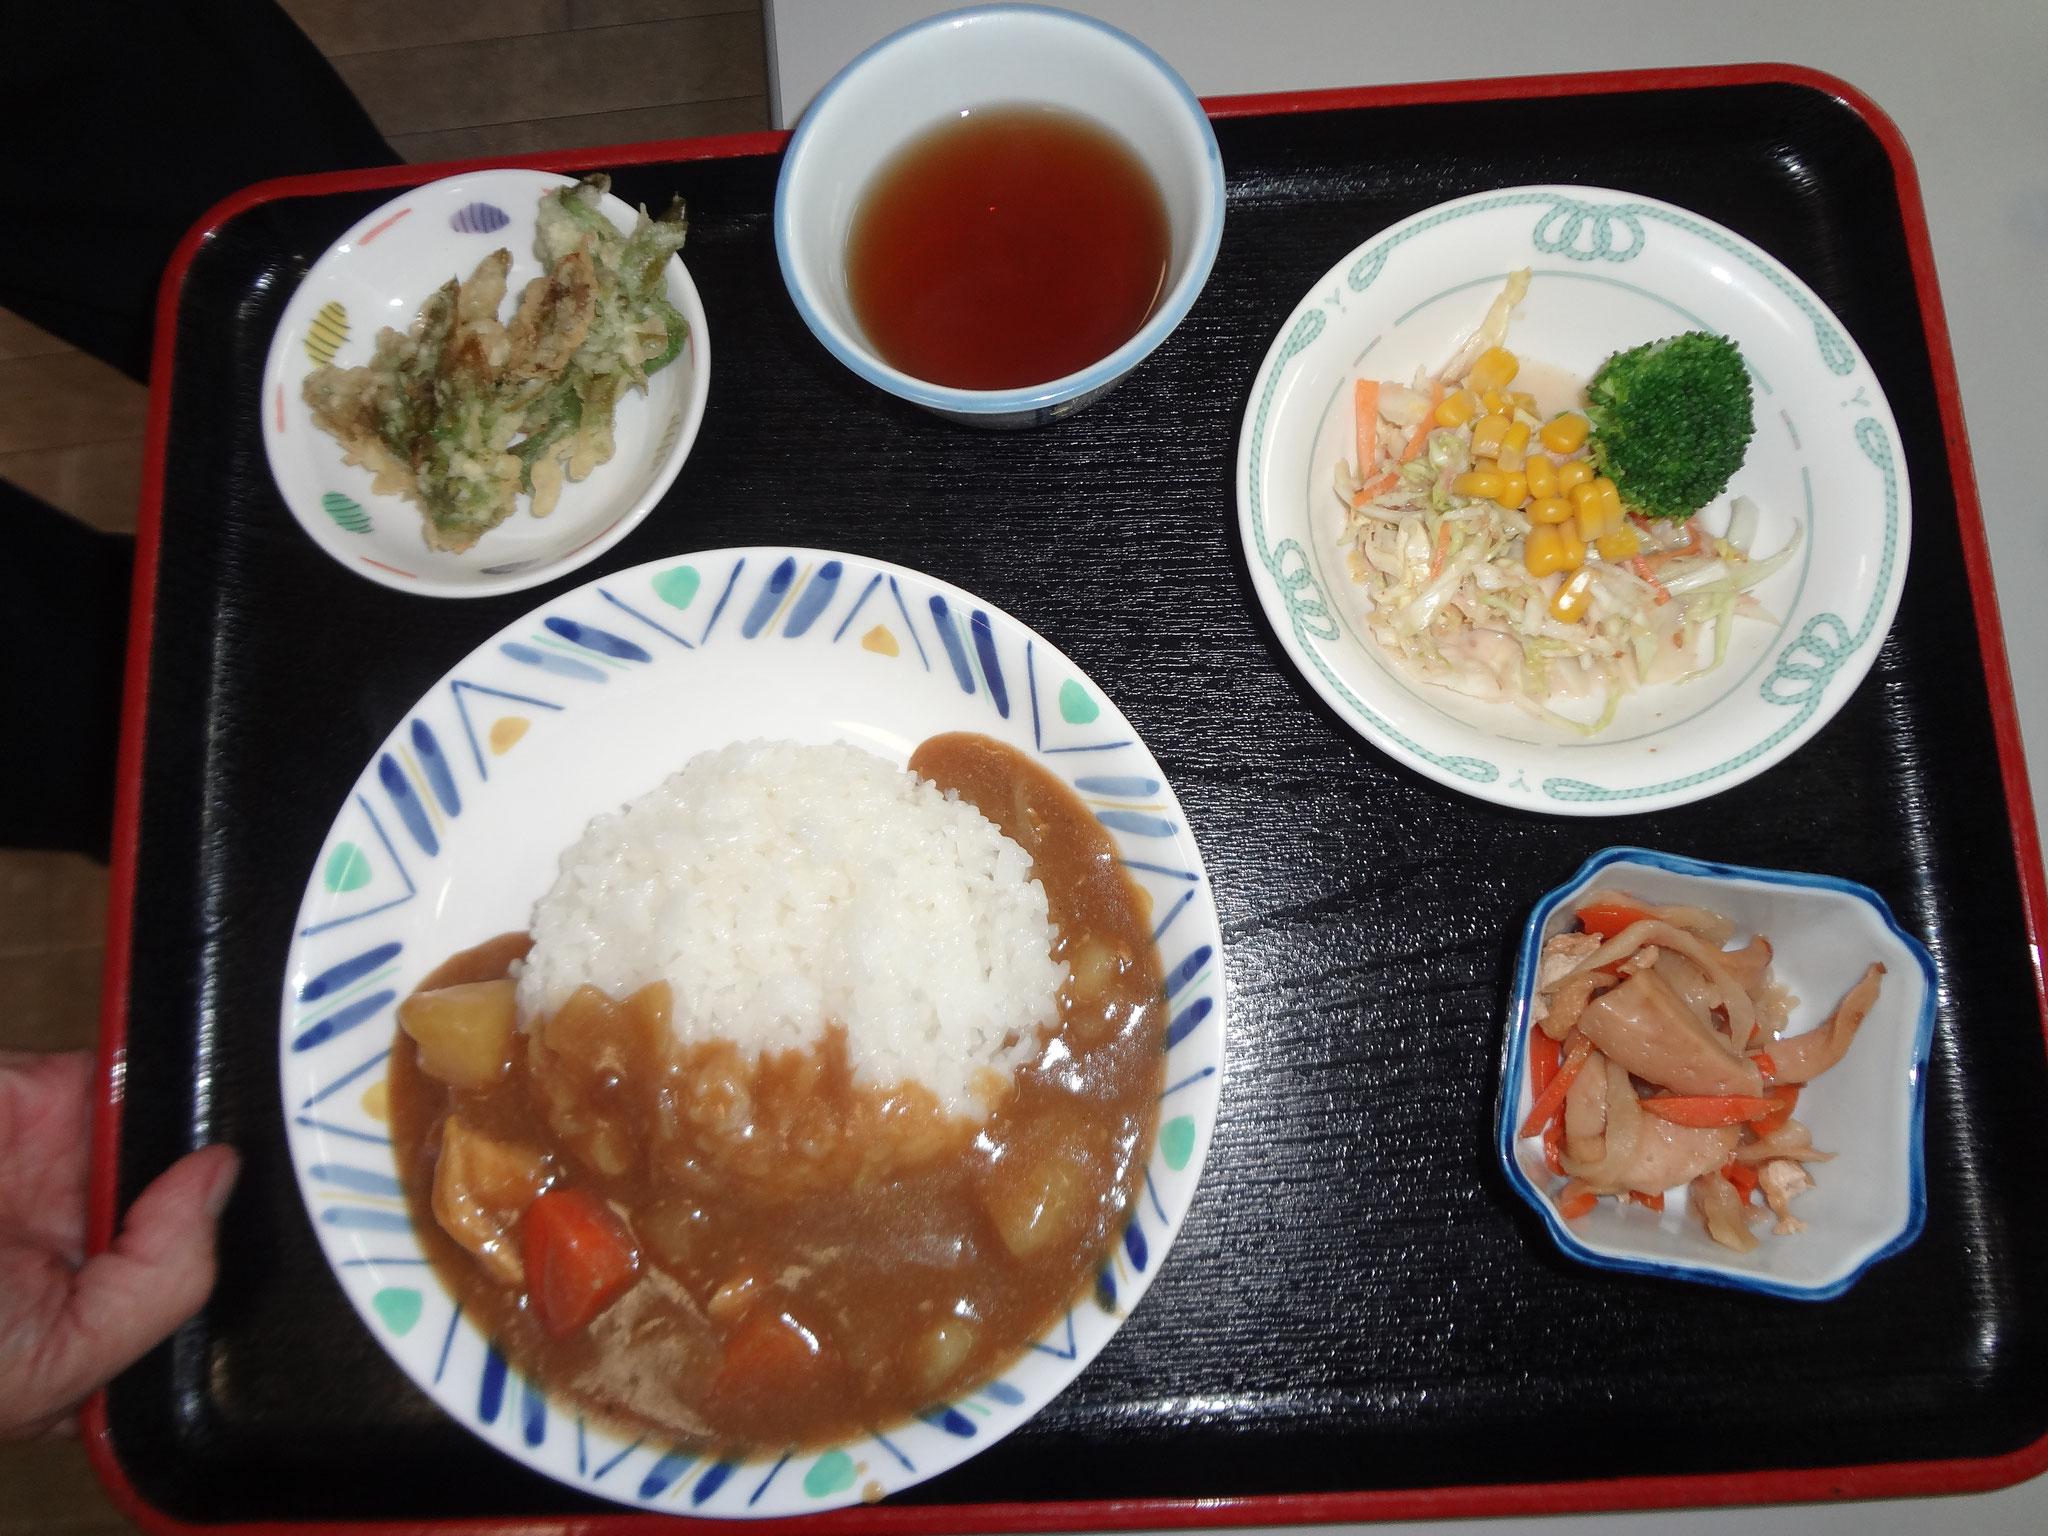 本日のカレーセットです。サプライズでふきのとうの天ぷらが添えられました。